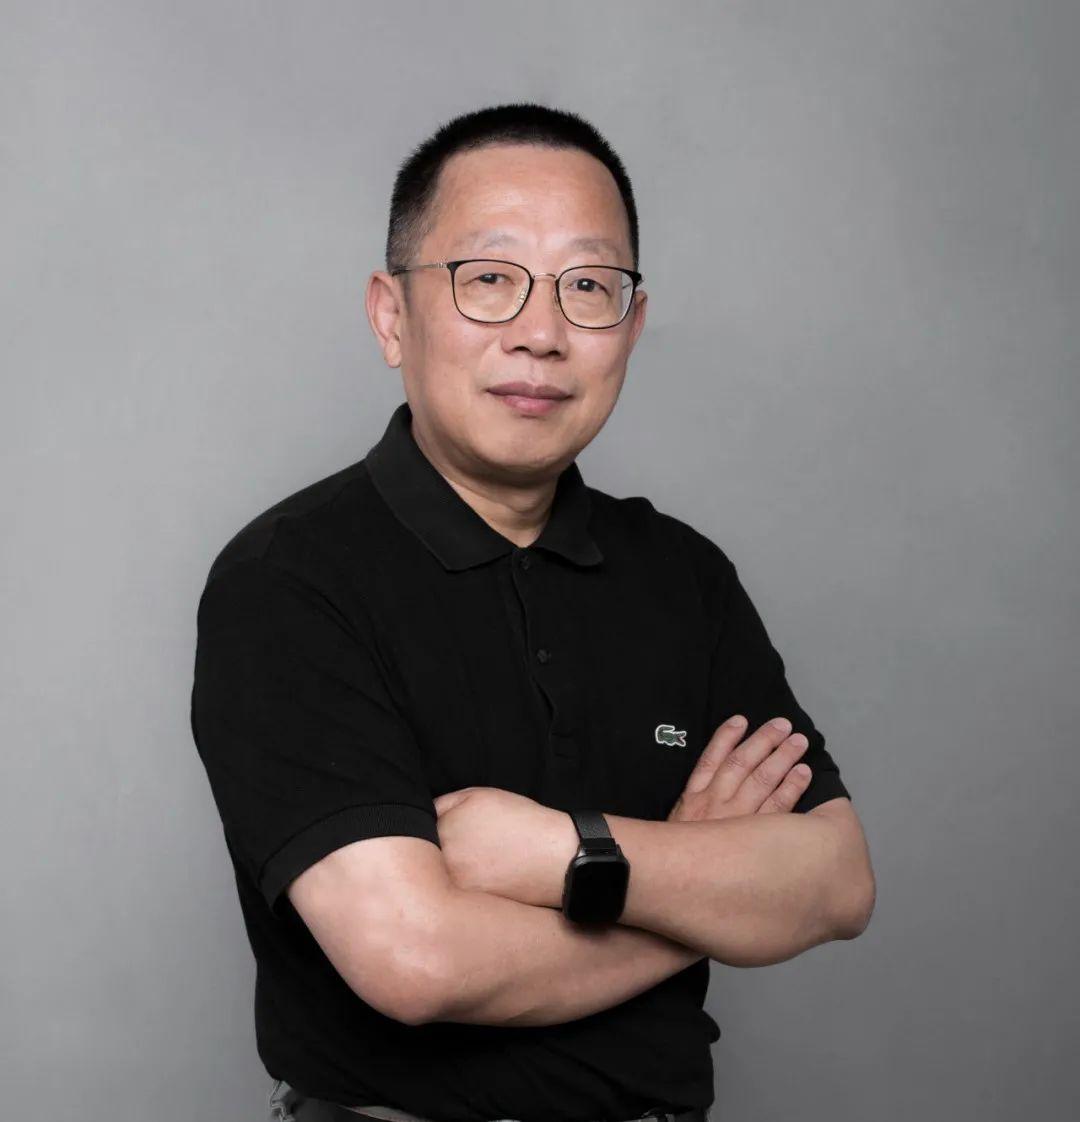 吴飞:人工智能应该建构人的主体性,而不是使人变成奴隶